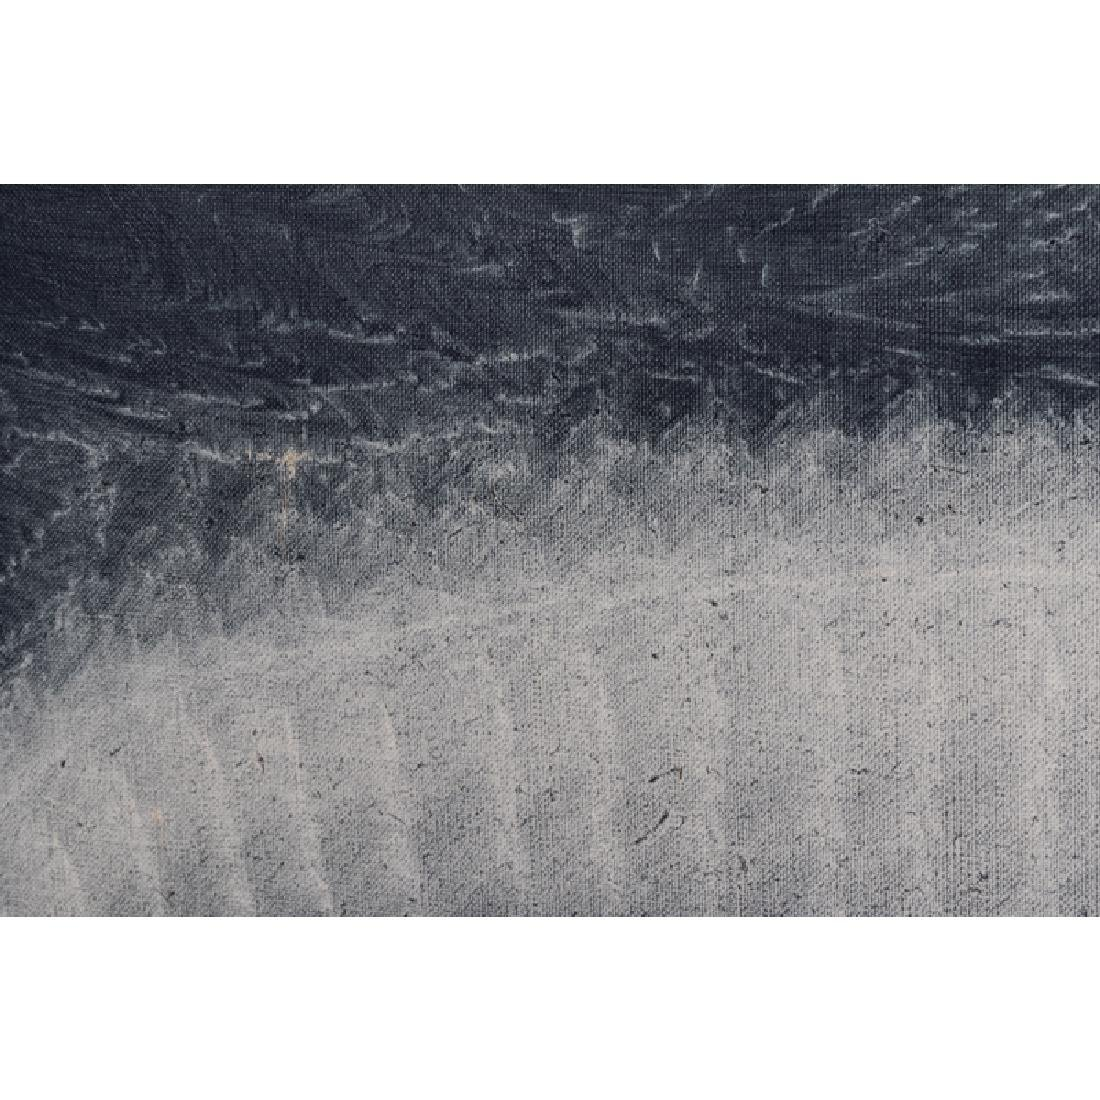 An Furuta (b. 1915) Dawn, Oil on canvas diptych, - 2